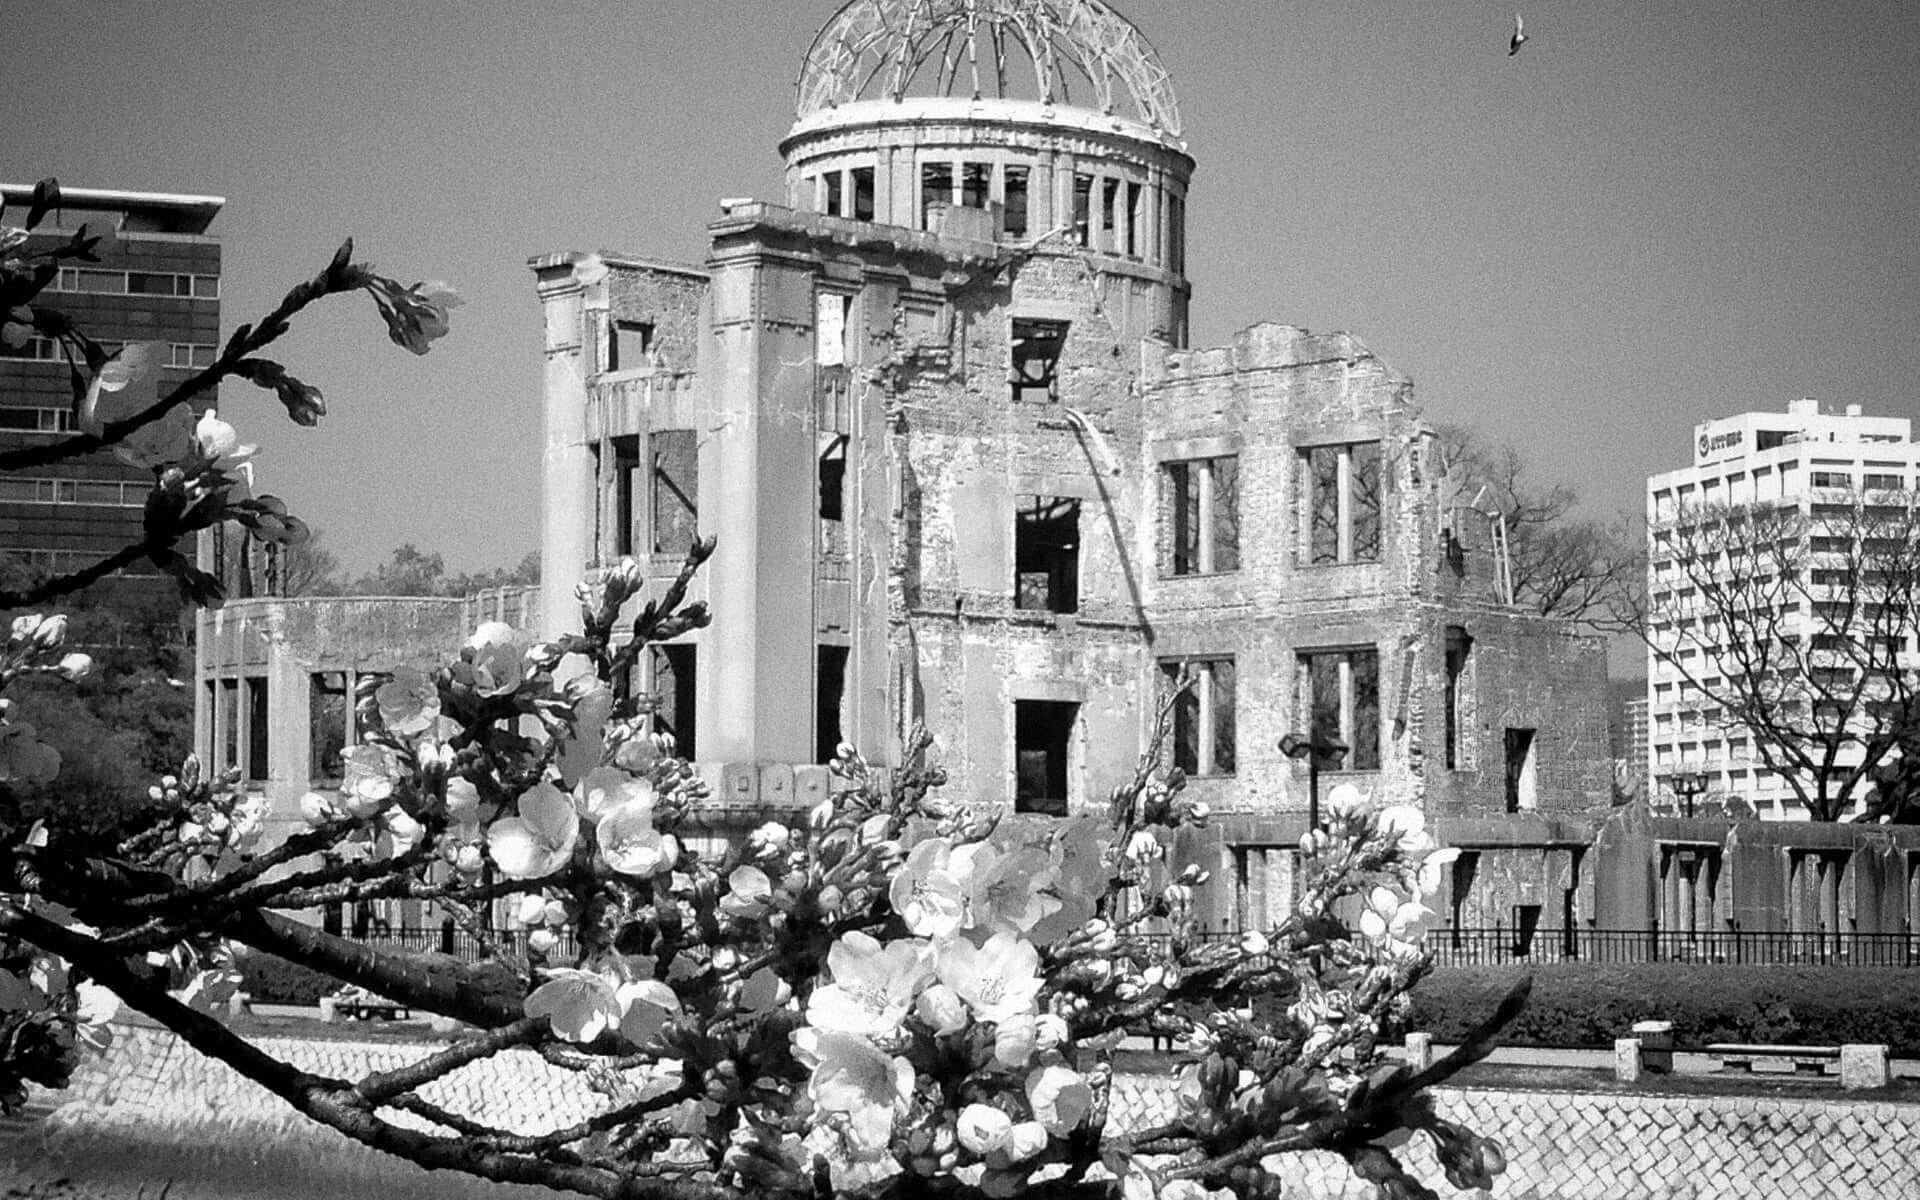 Imagen del monumento de la paz en Hiroshima durante la floración del cerezo.